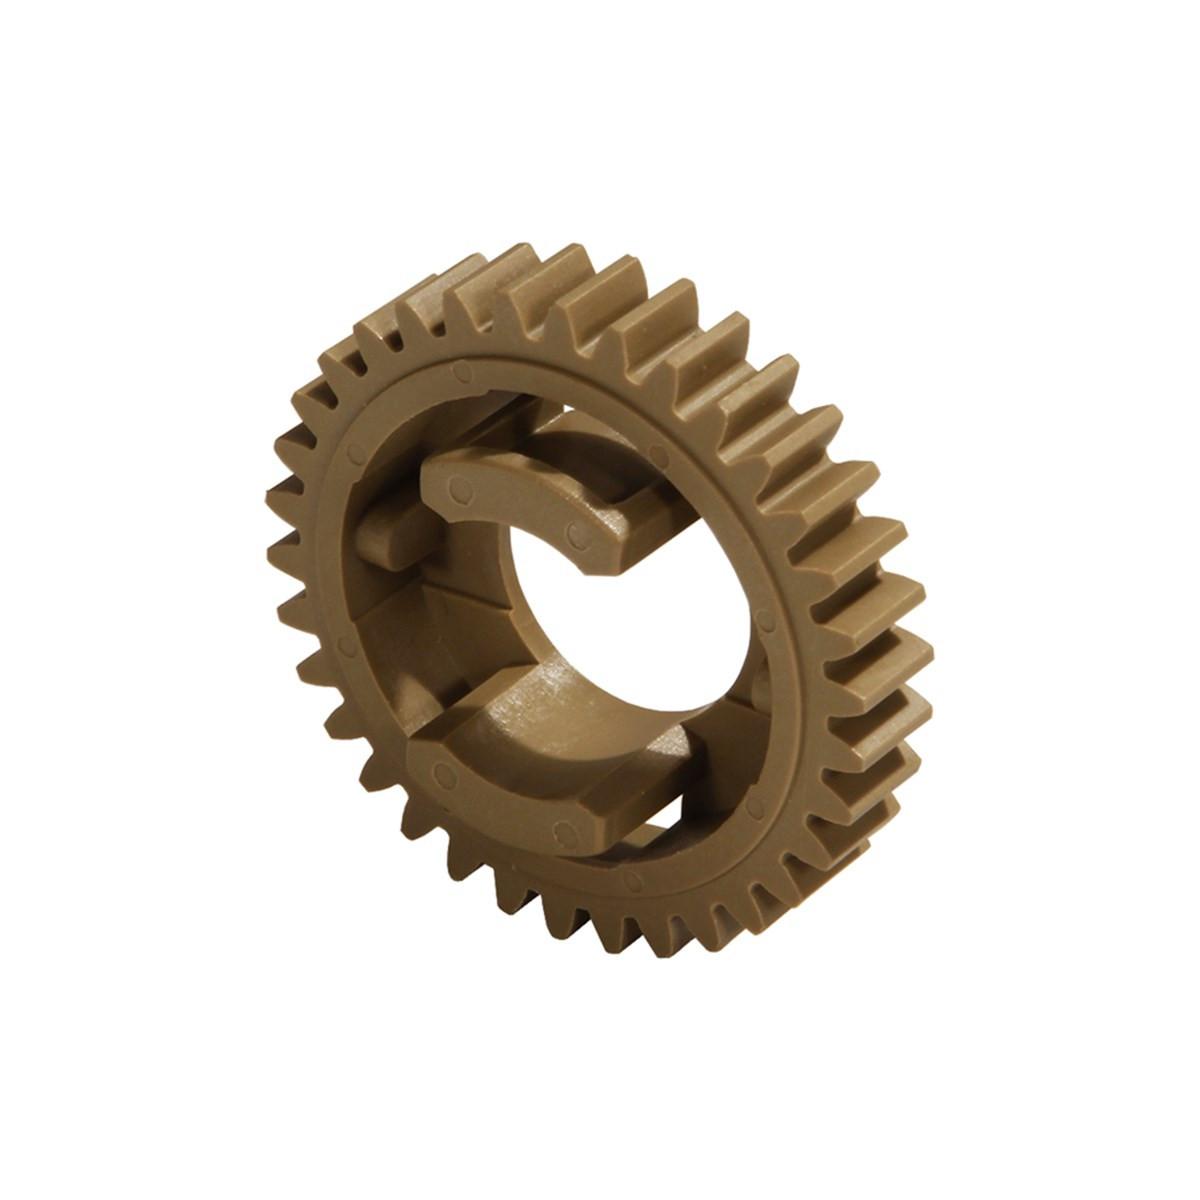 Engrenagem Rolo Fusor Brother HL5240 HL5250 HL5280 DCP8080 DCP8085 DCP8060   LM6665001G1   Importado